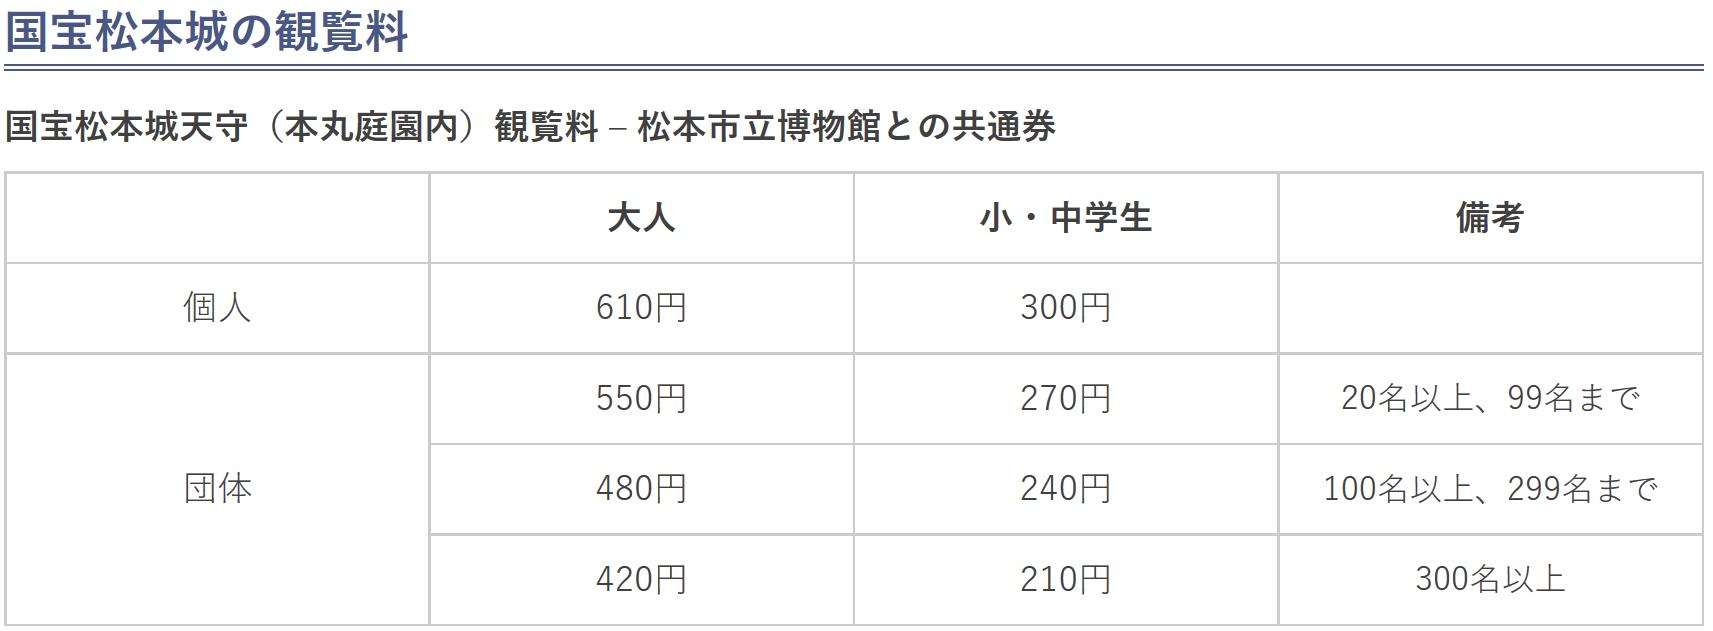 松本城門票.png